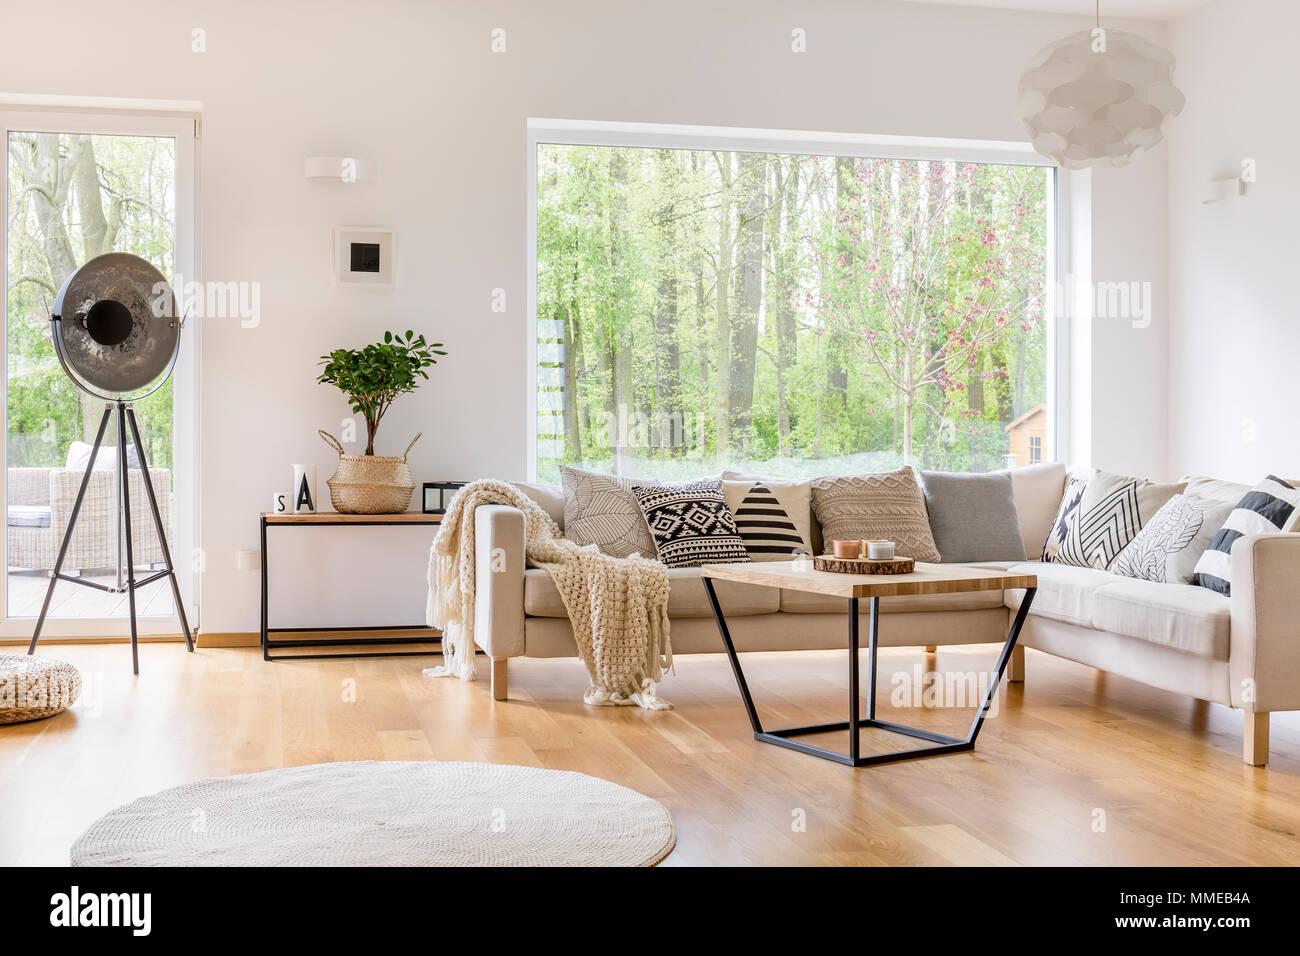 Weiß gemütliche Möbel in modernen, geräumigen Wohnzimmer mit ...